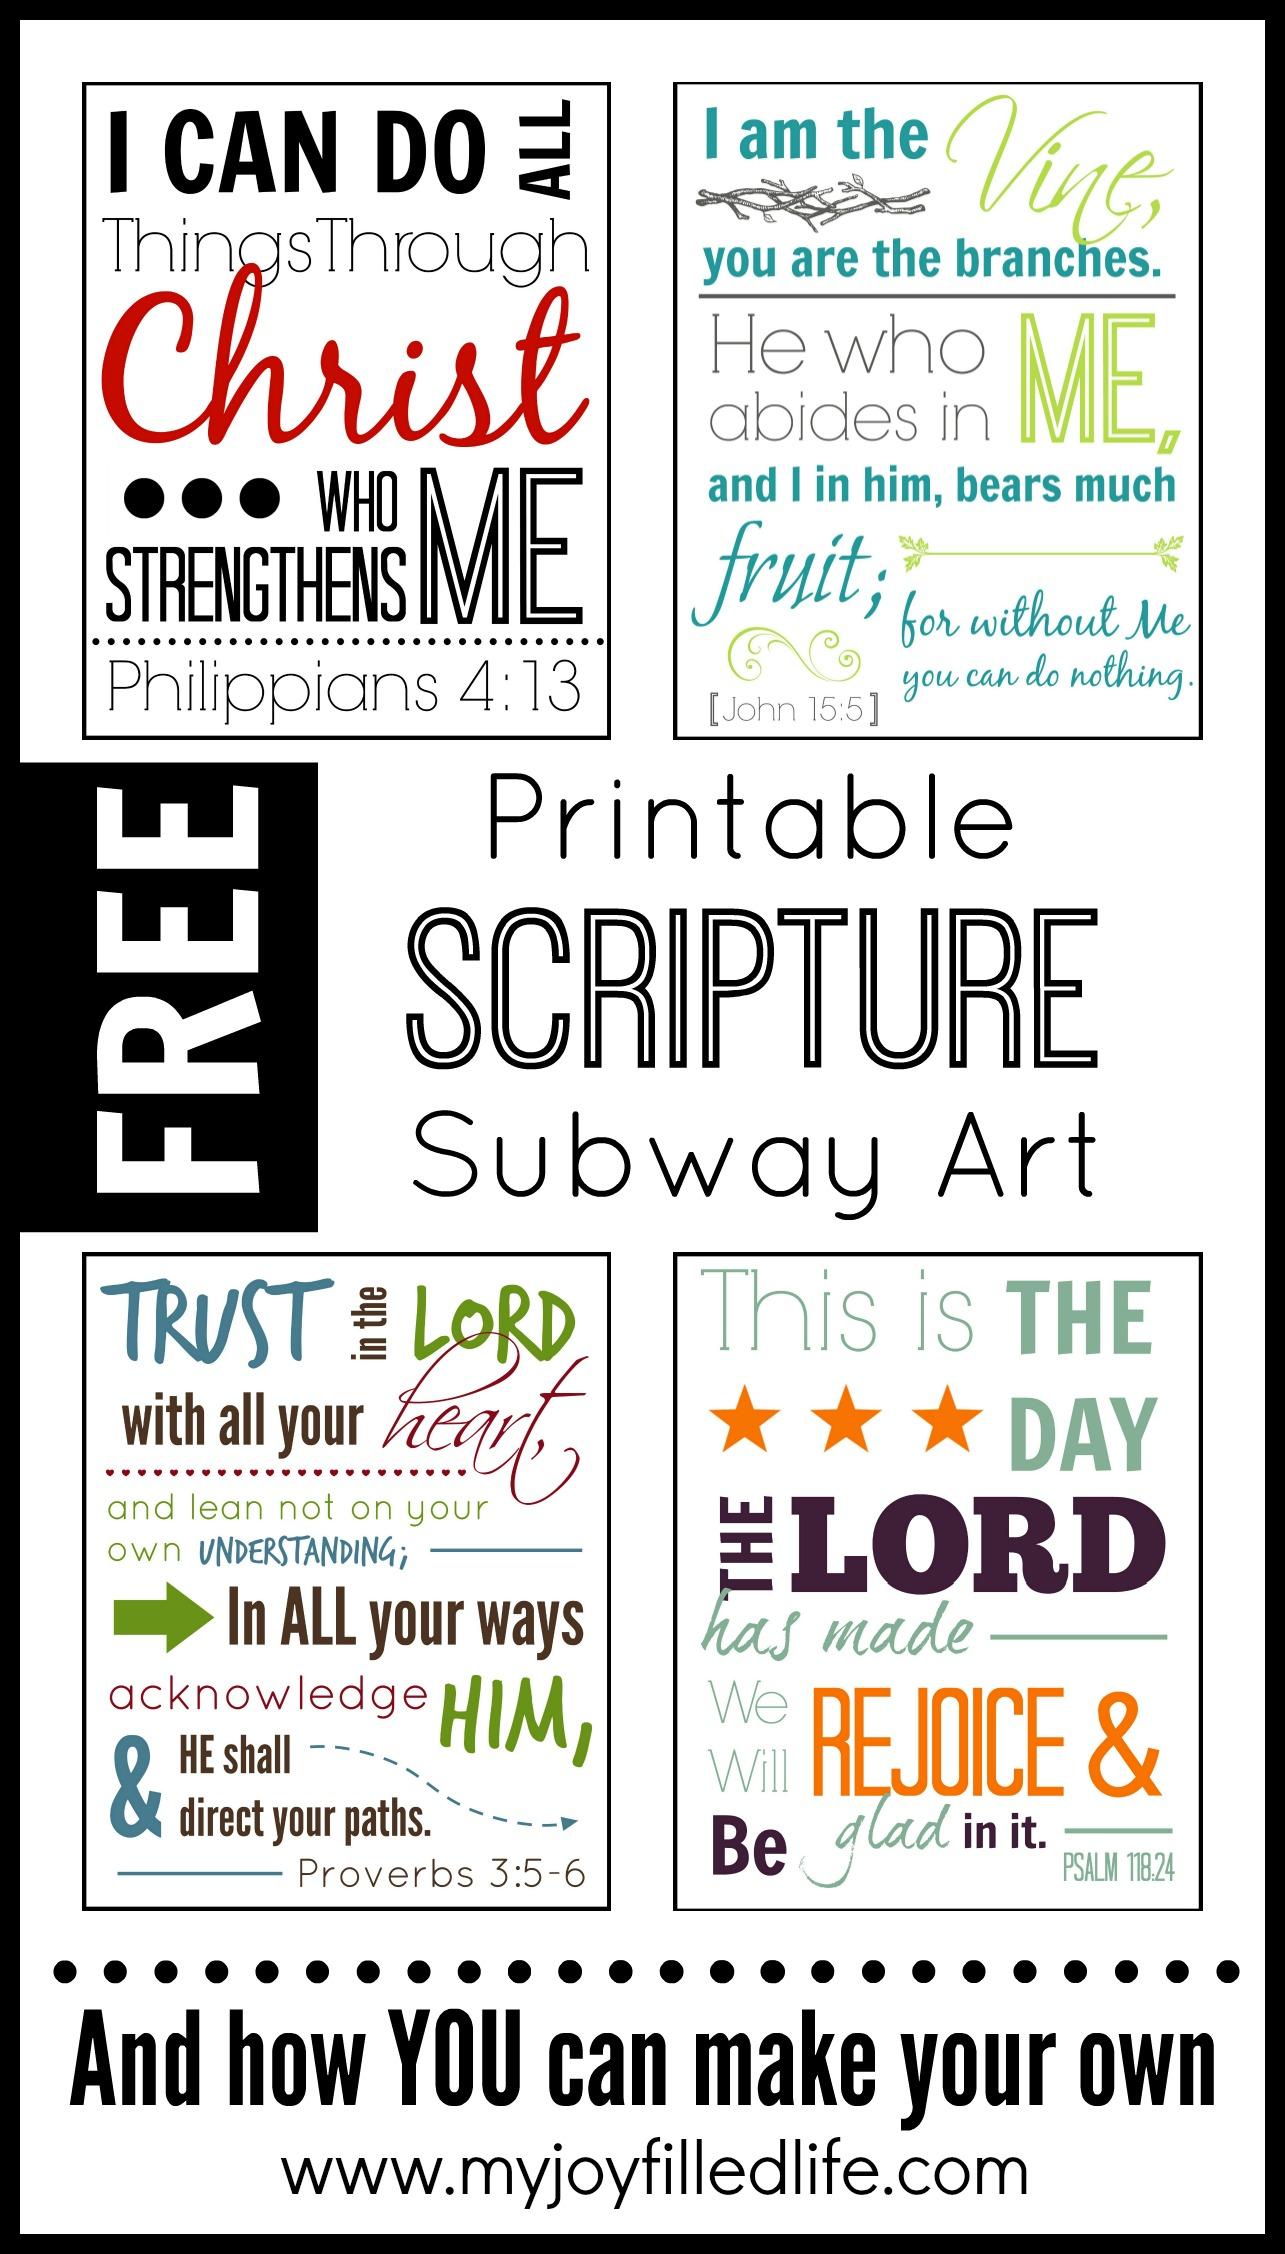 Printable Scripture Subway Art